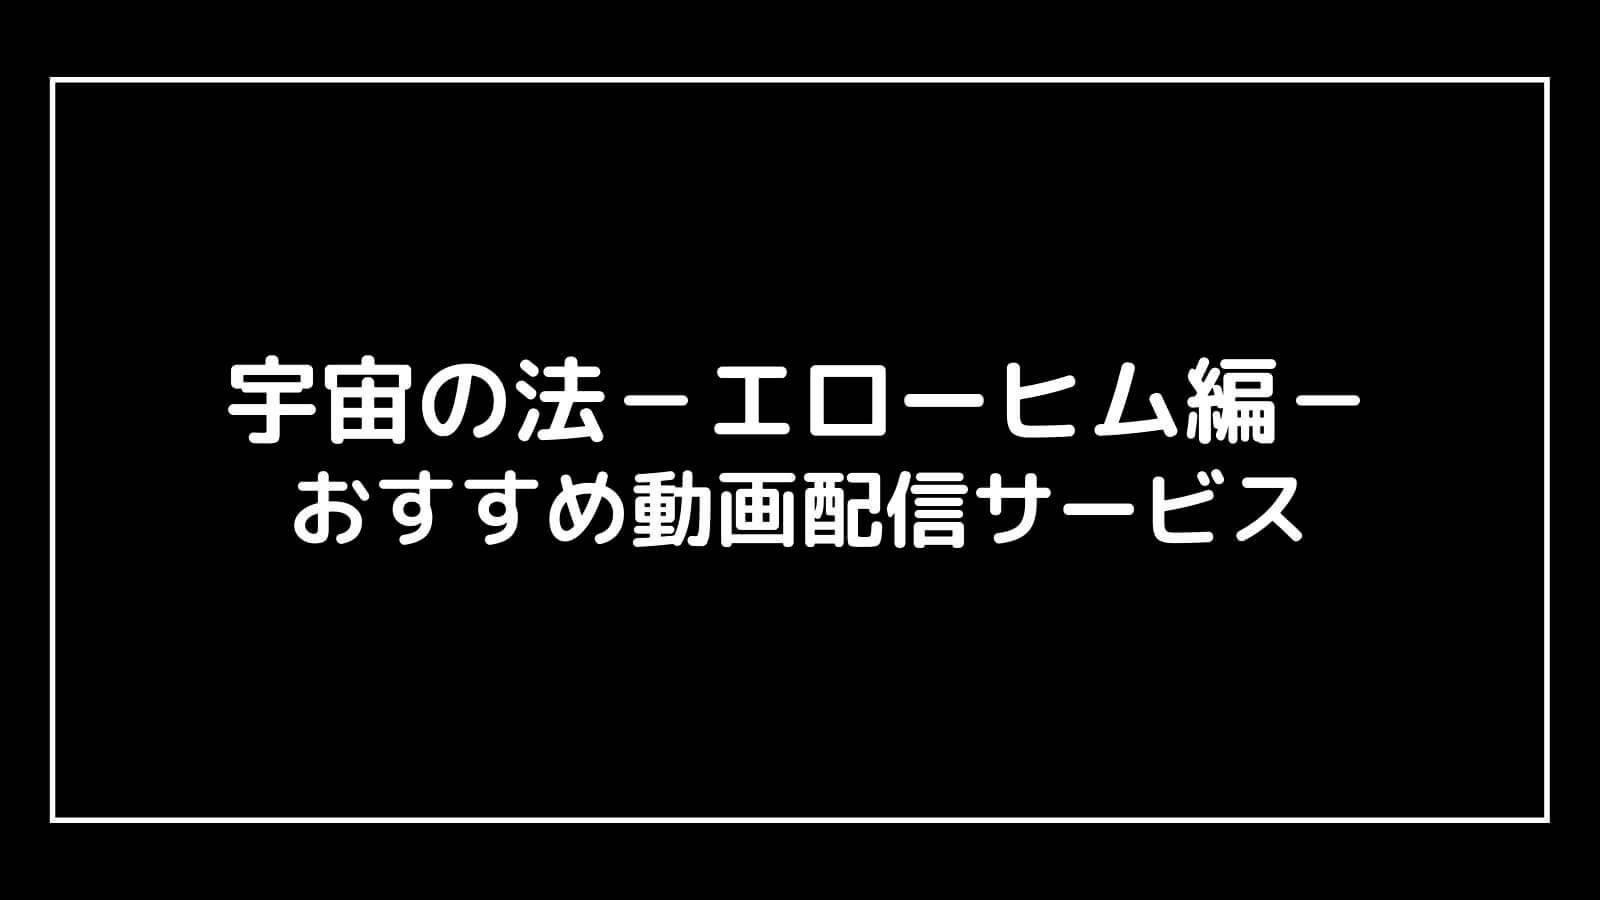 映画『宇宙の法 エローヒム編』を無料視聴できるおすすめ動画配信サービス